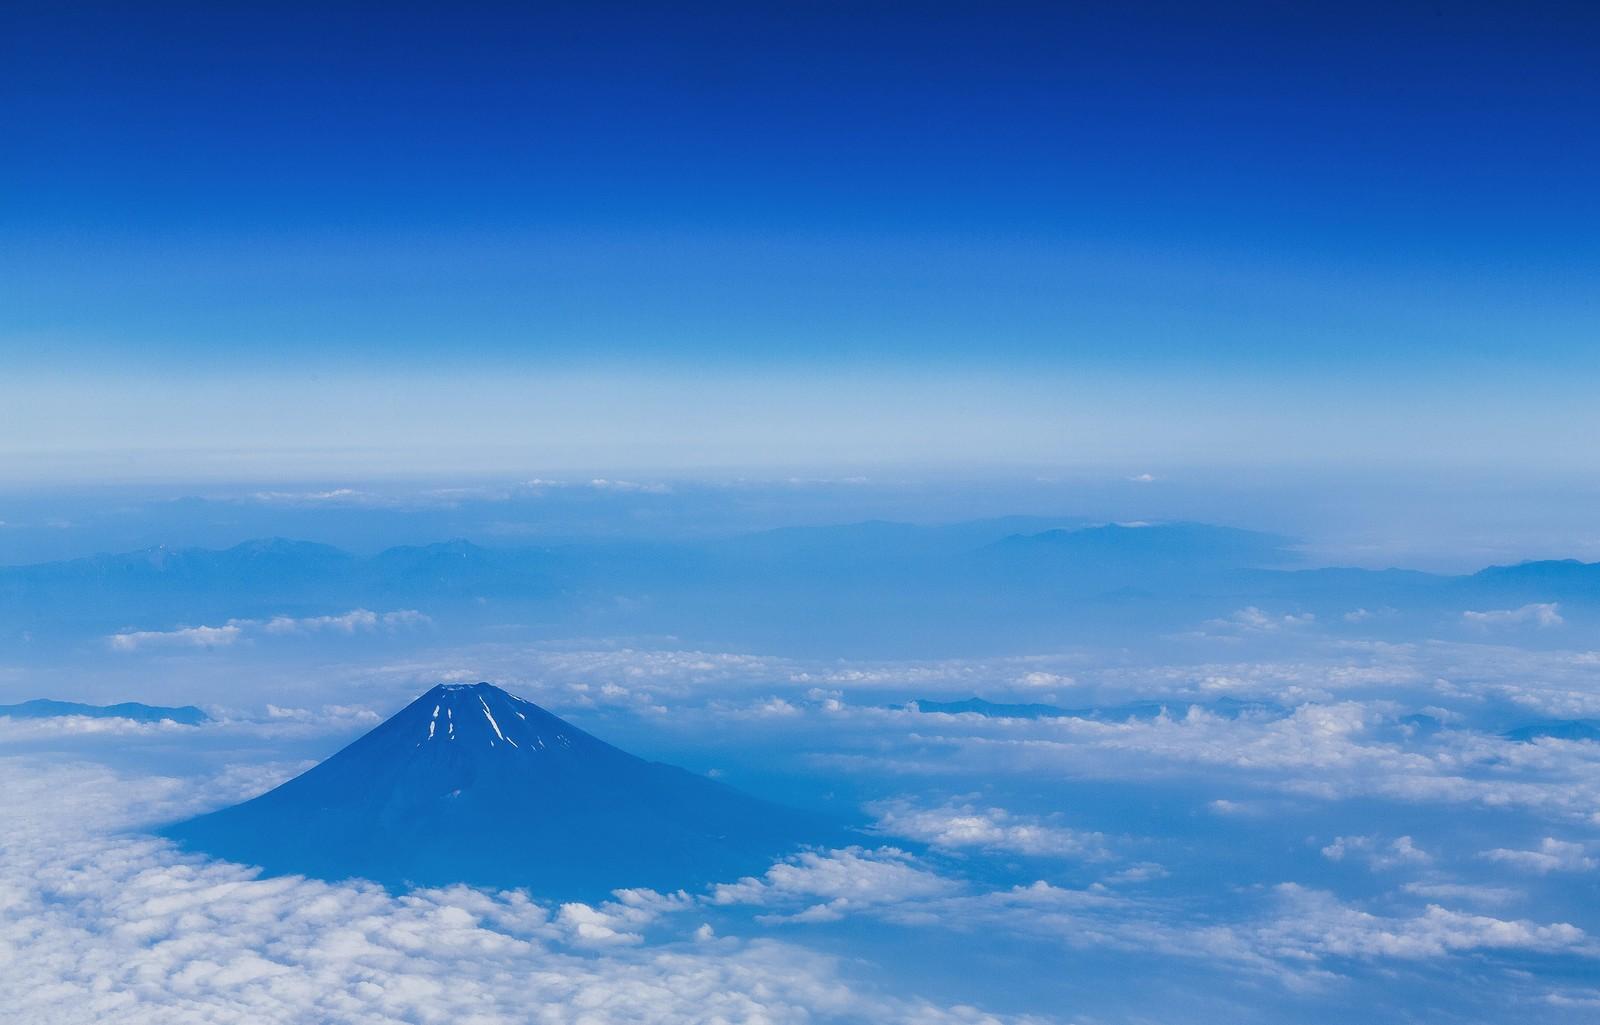 【富士登山おすすめ山小屋】吉田ルートで初心者ならここ!